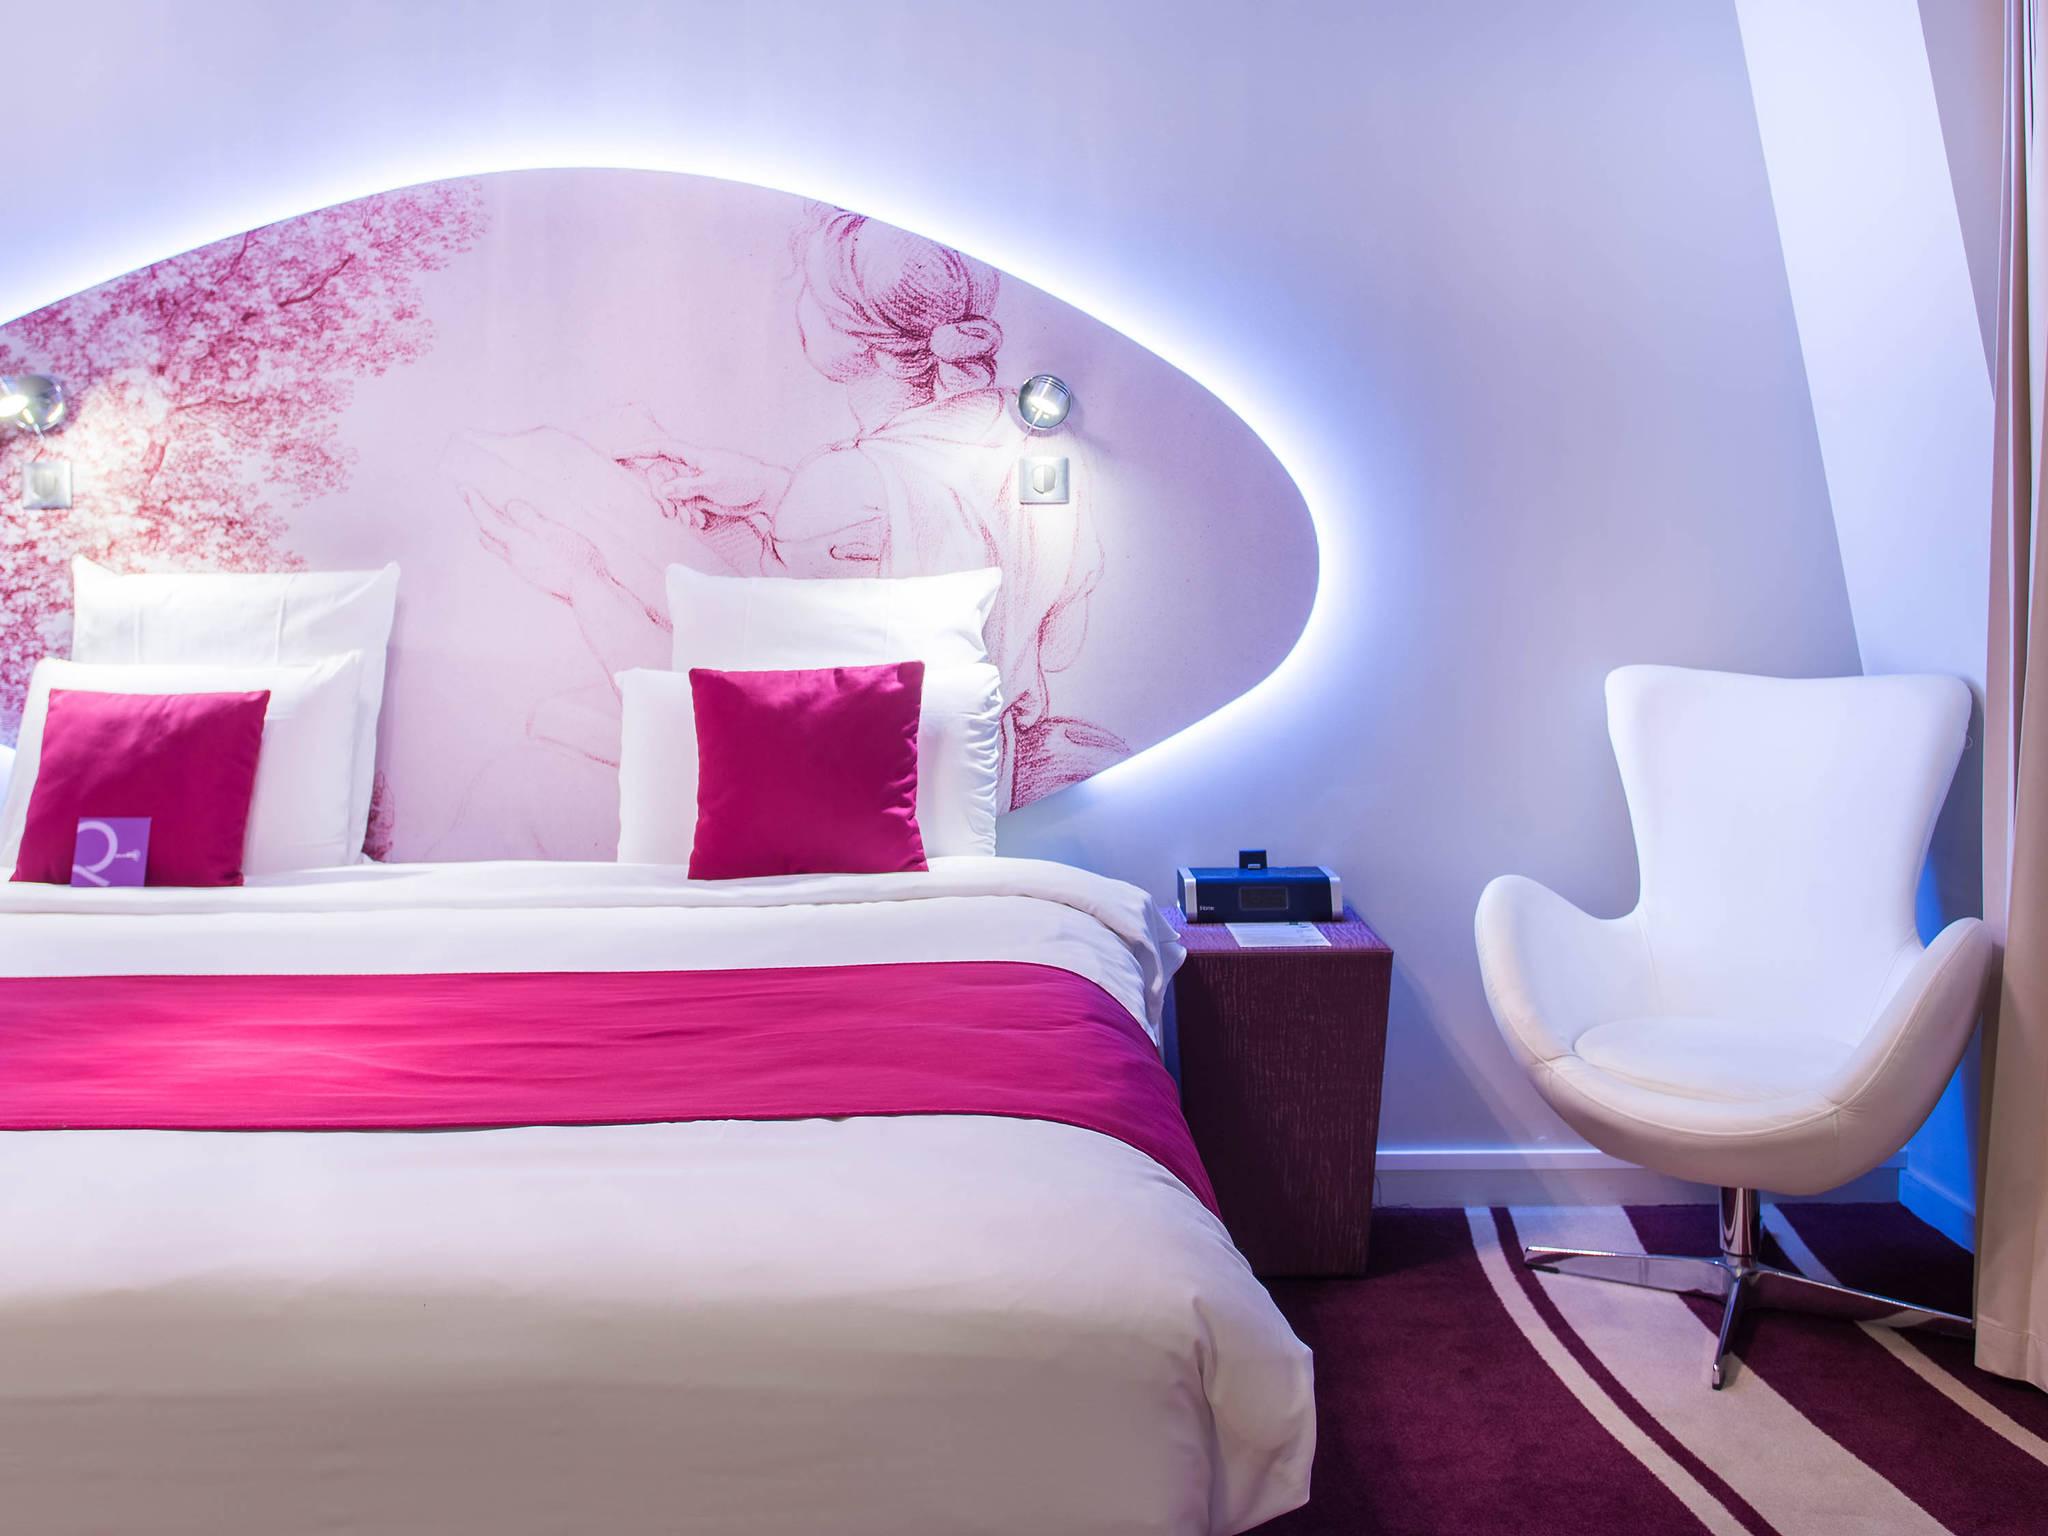 فندق - فندق مركيور Mercure باريس باستيل ماري